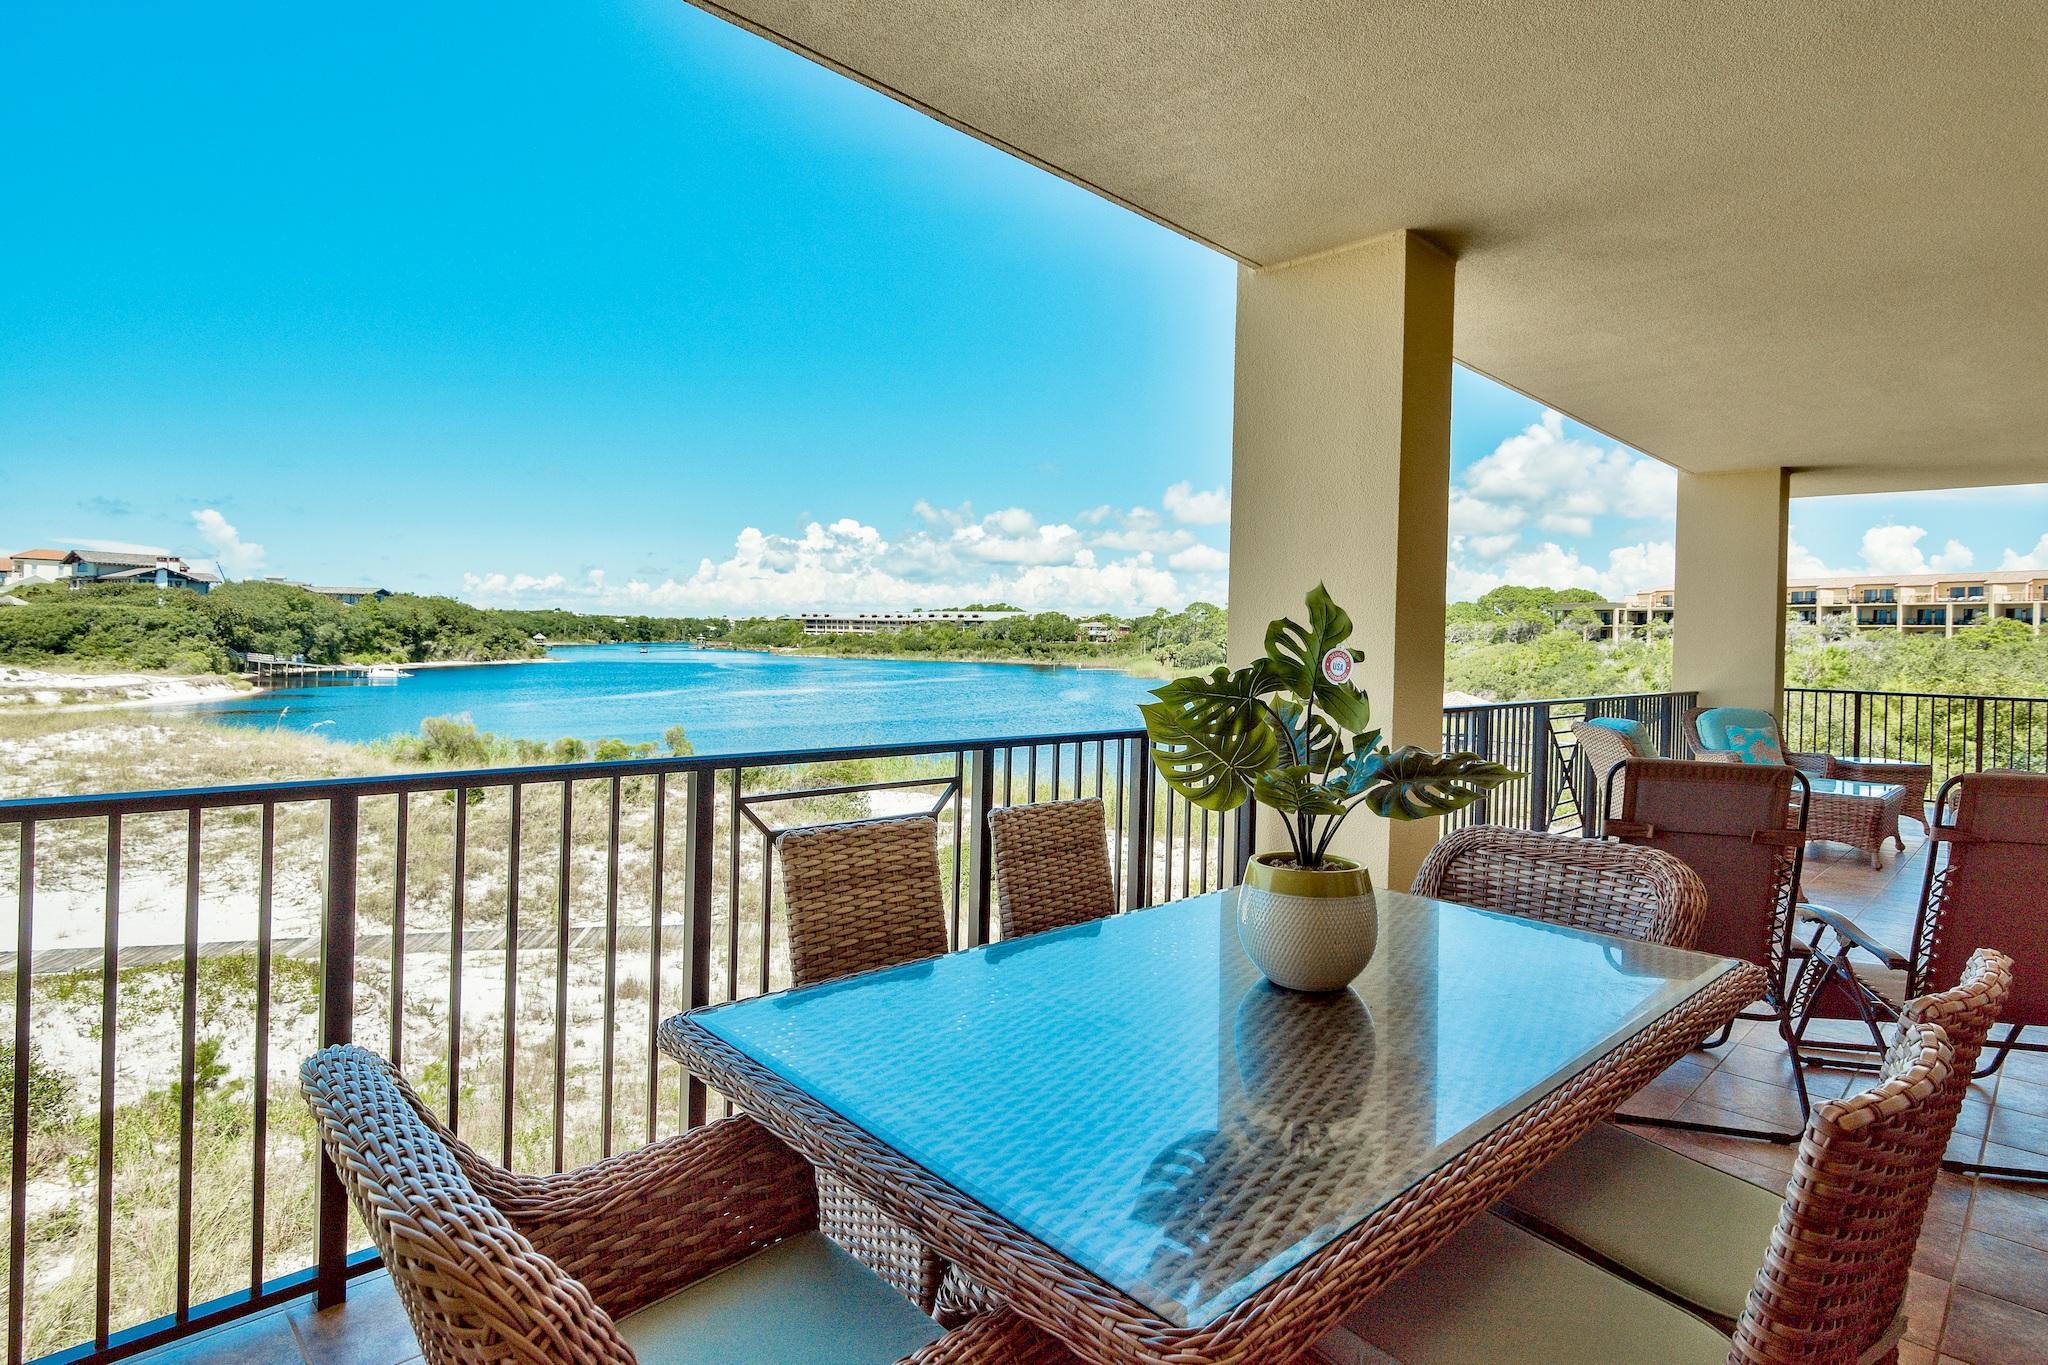 1363 County Hwy 30A 1125, Santa Rosa Beach, FL 32459